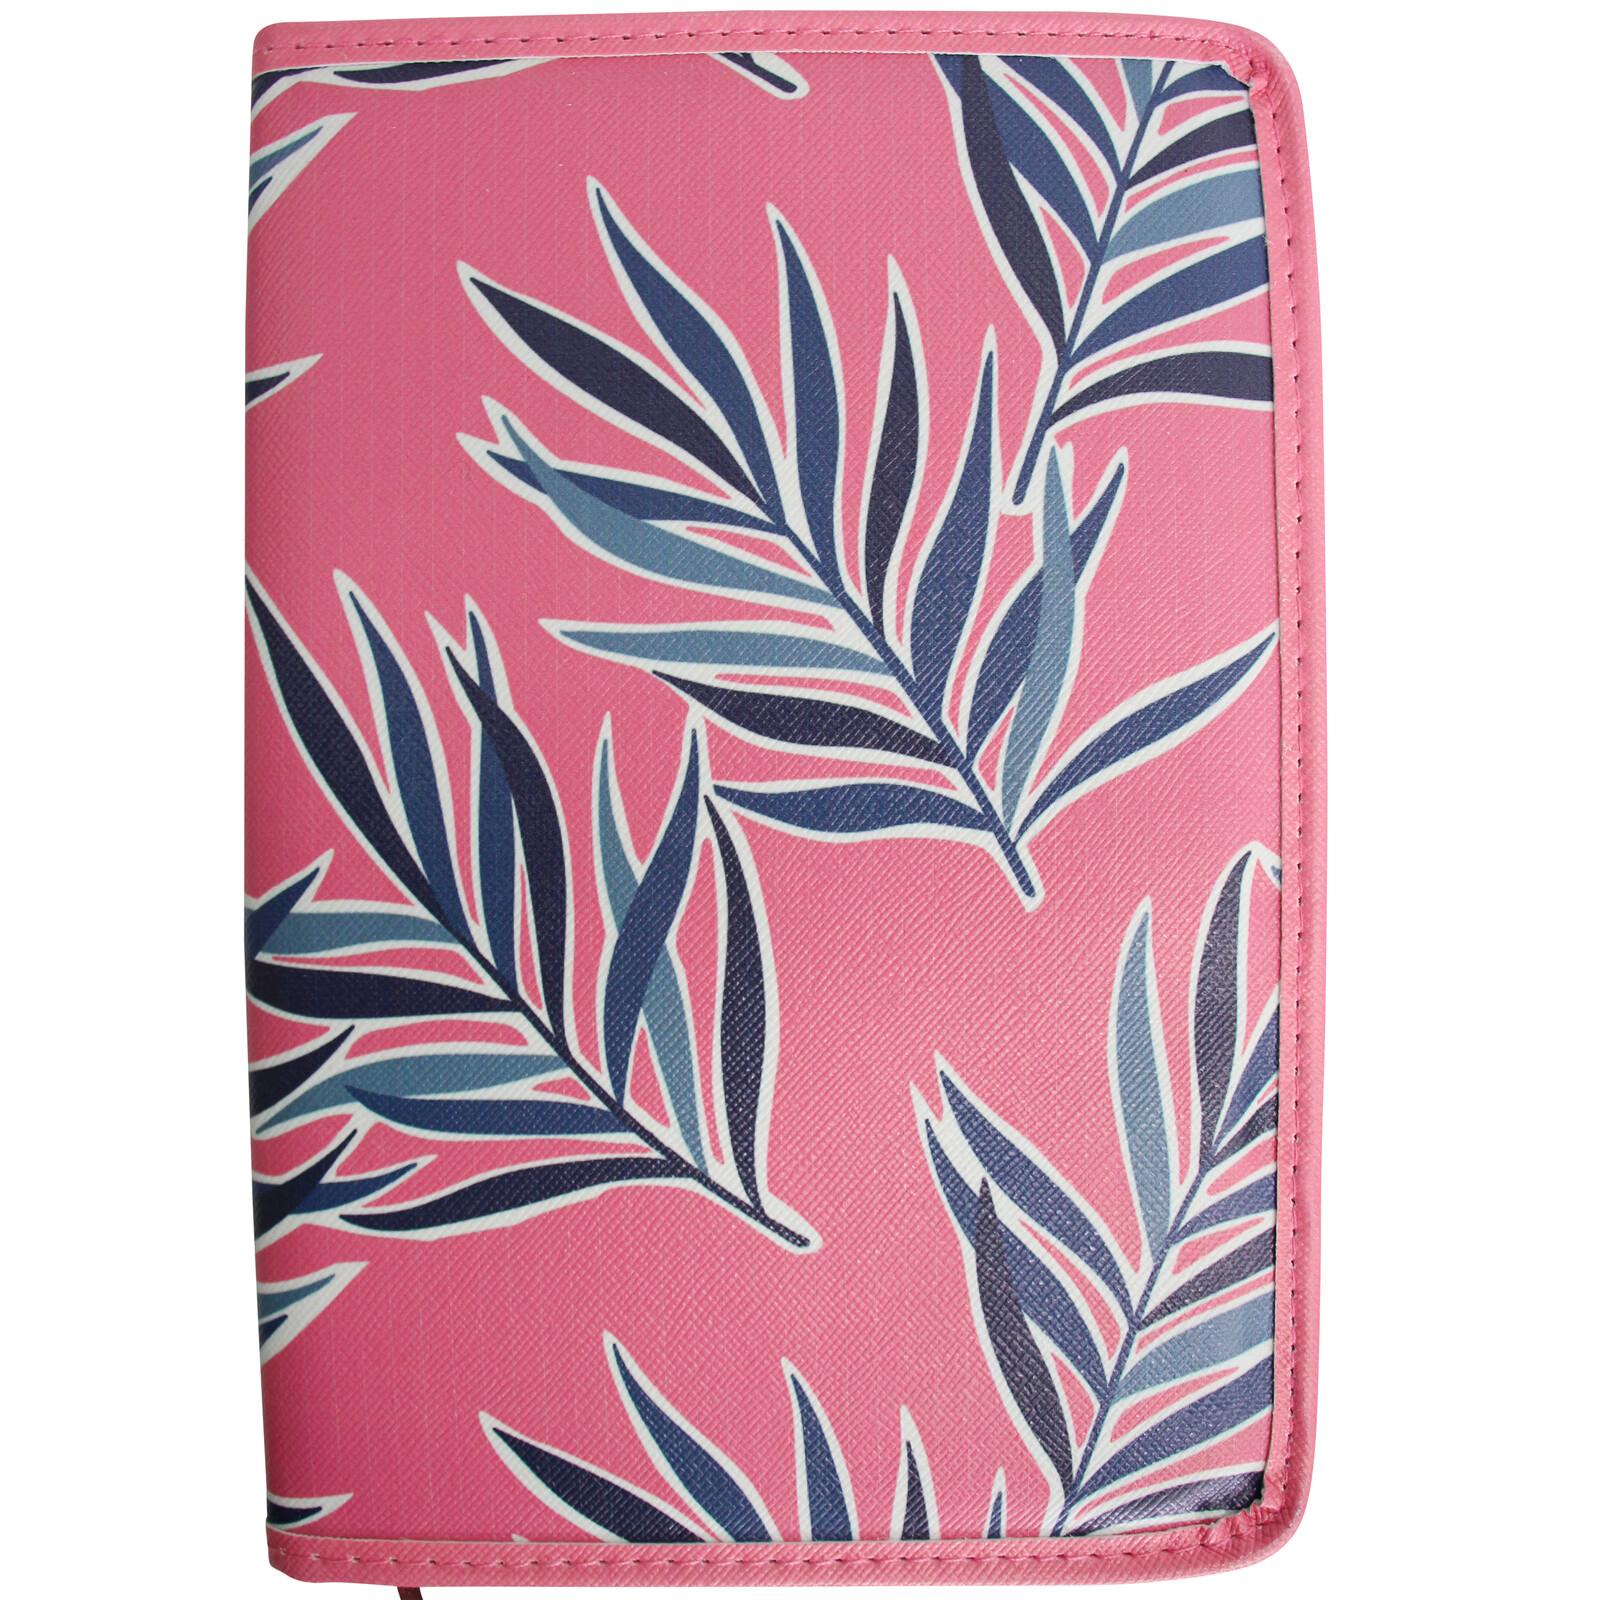 Notebook Sml Pink Ferns